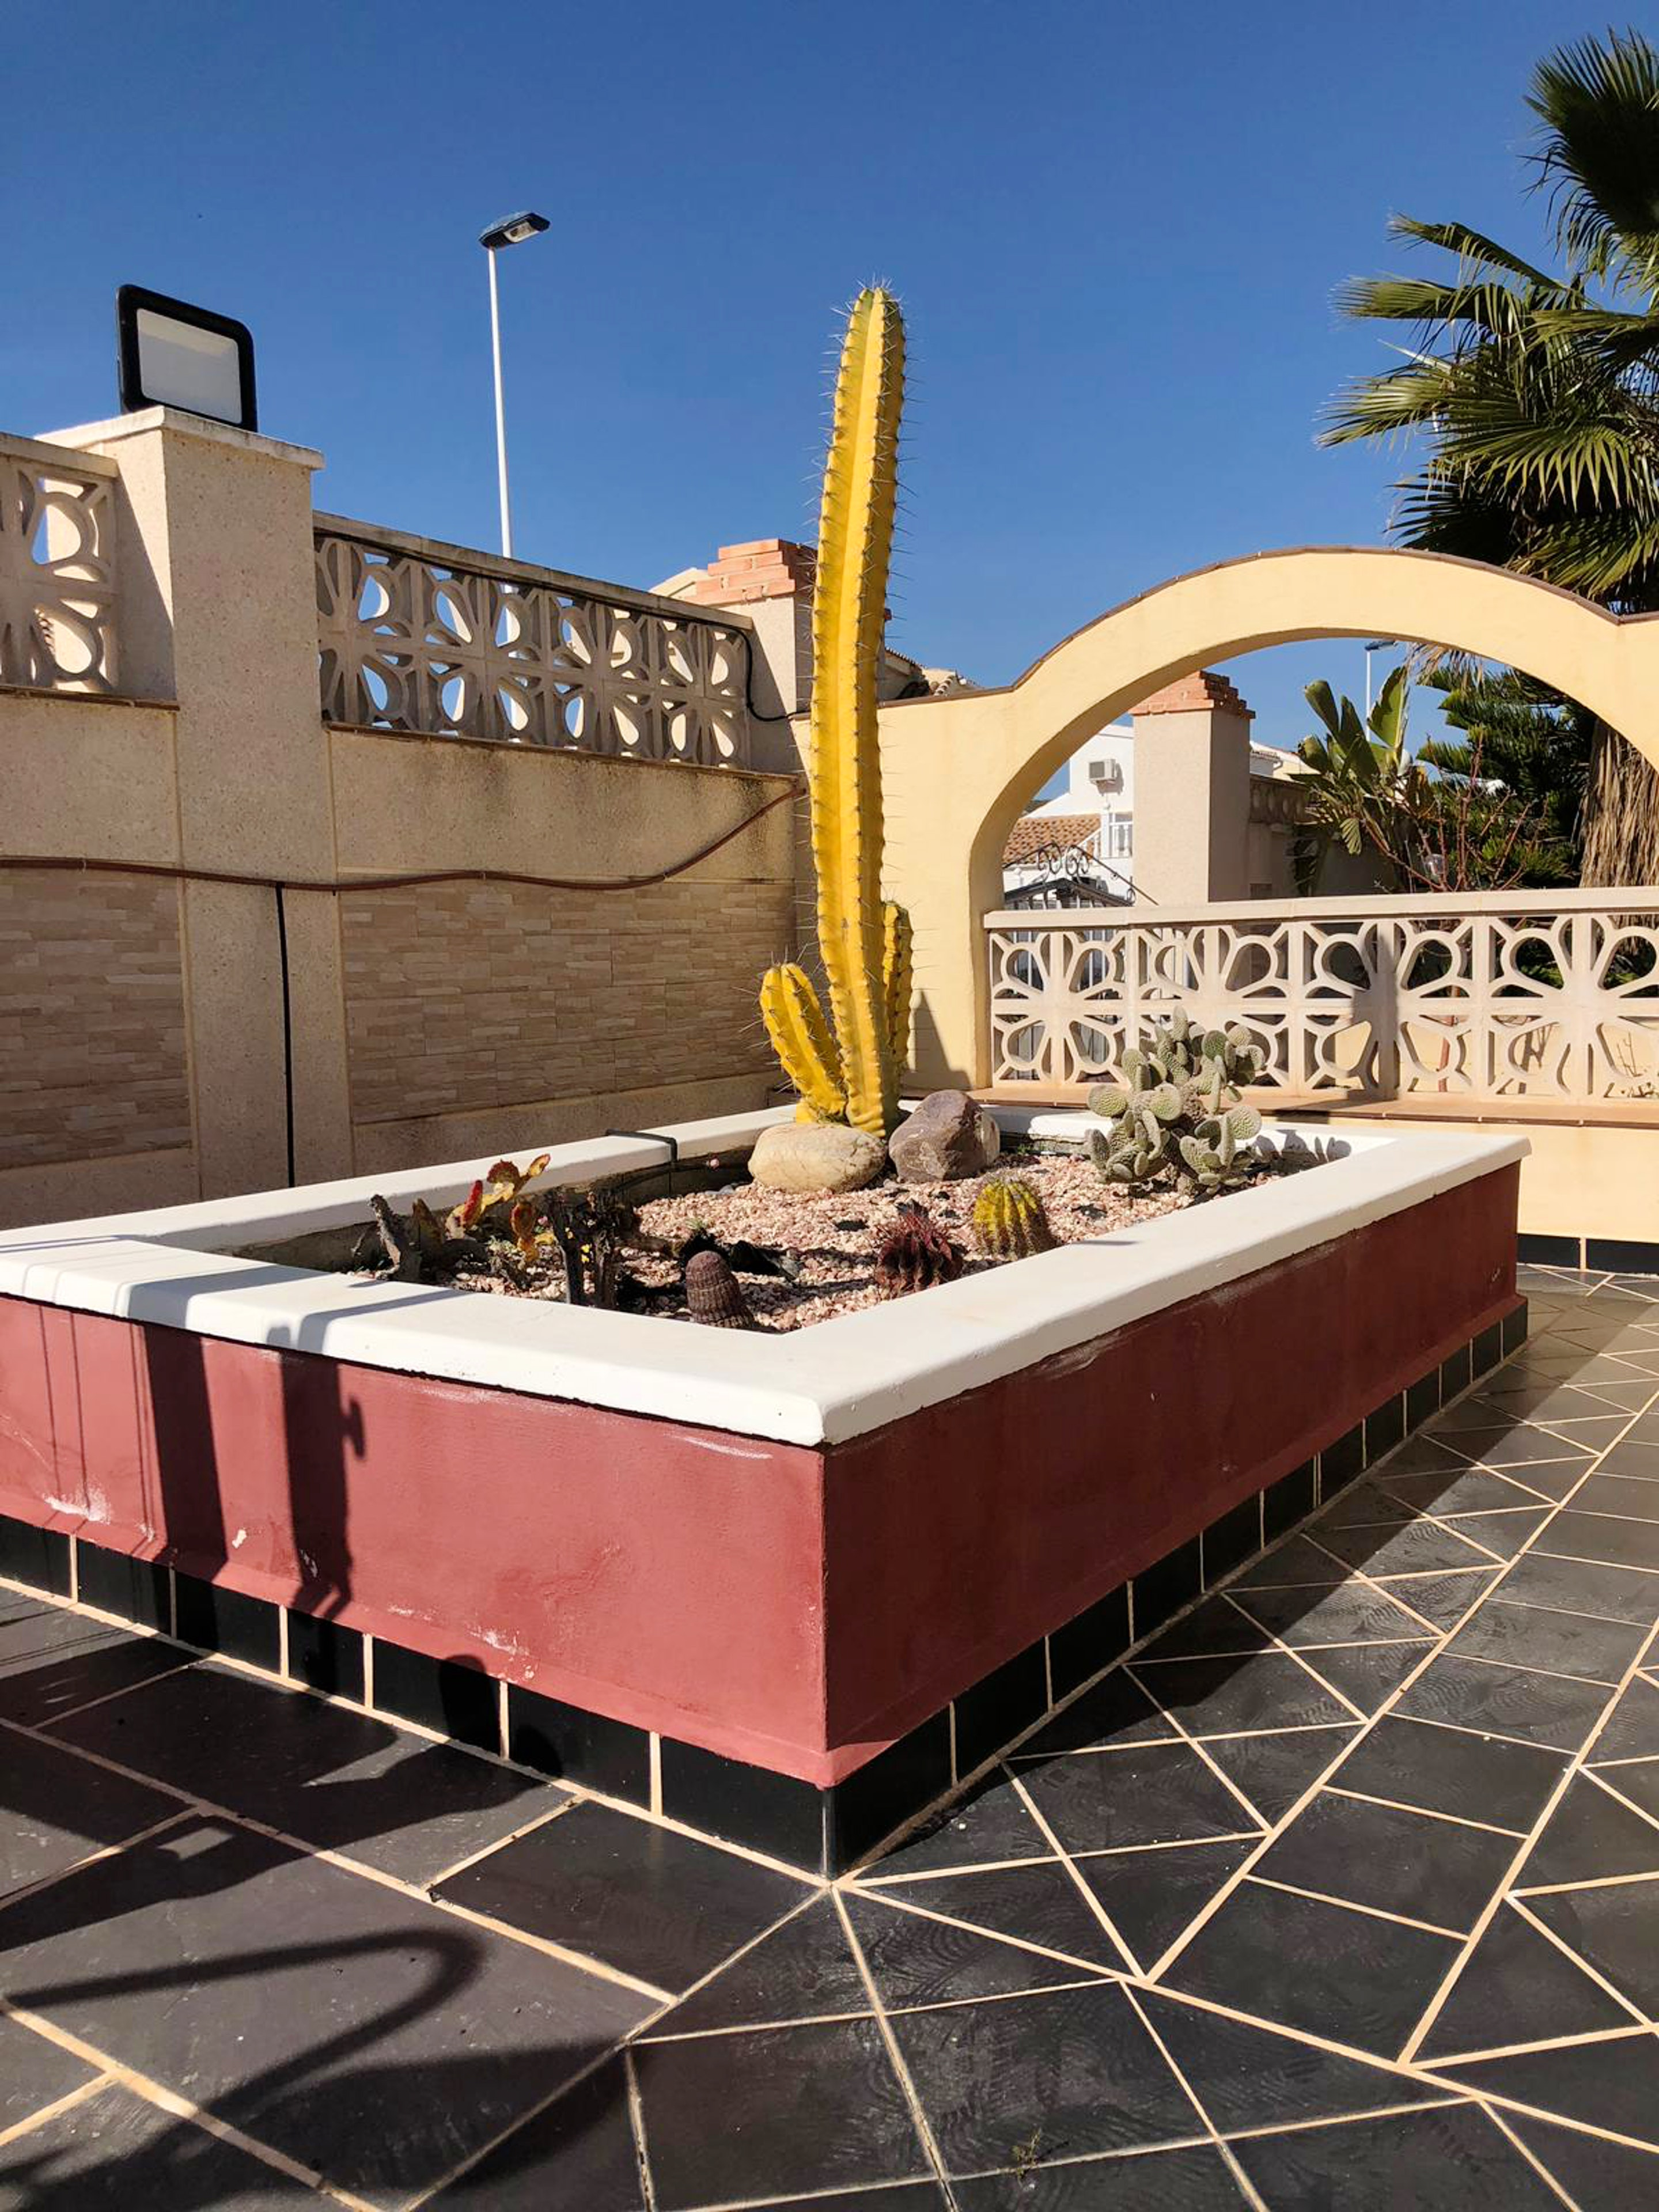 Appartement de vacances Wohnung mit 2 Schlafzimmern in Mazarrón mit toller Aussicht auf die Berge, privatem Pool,  (2632538), Mazarron, Costa Calida, Murcie, Espagne, image 38